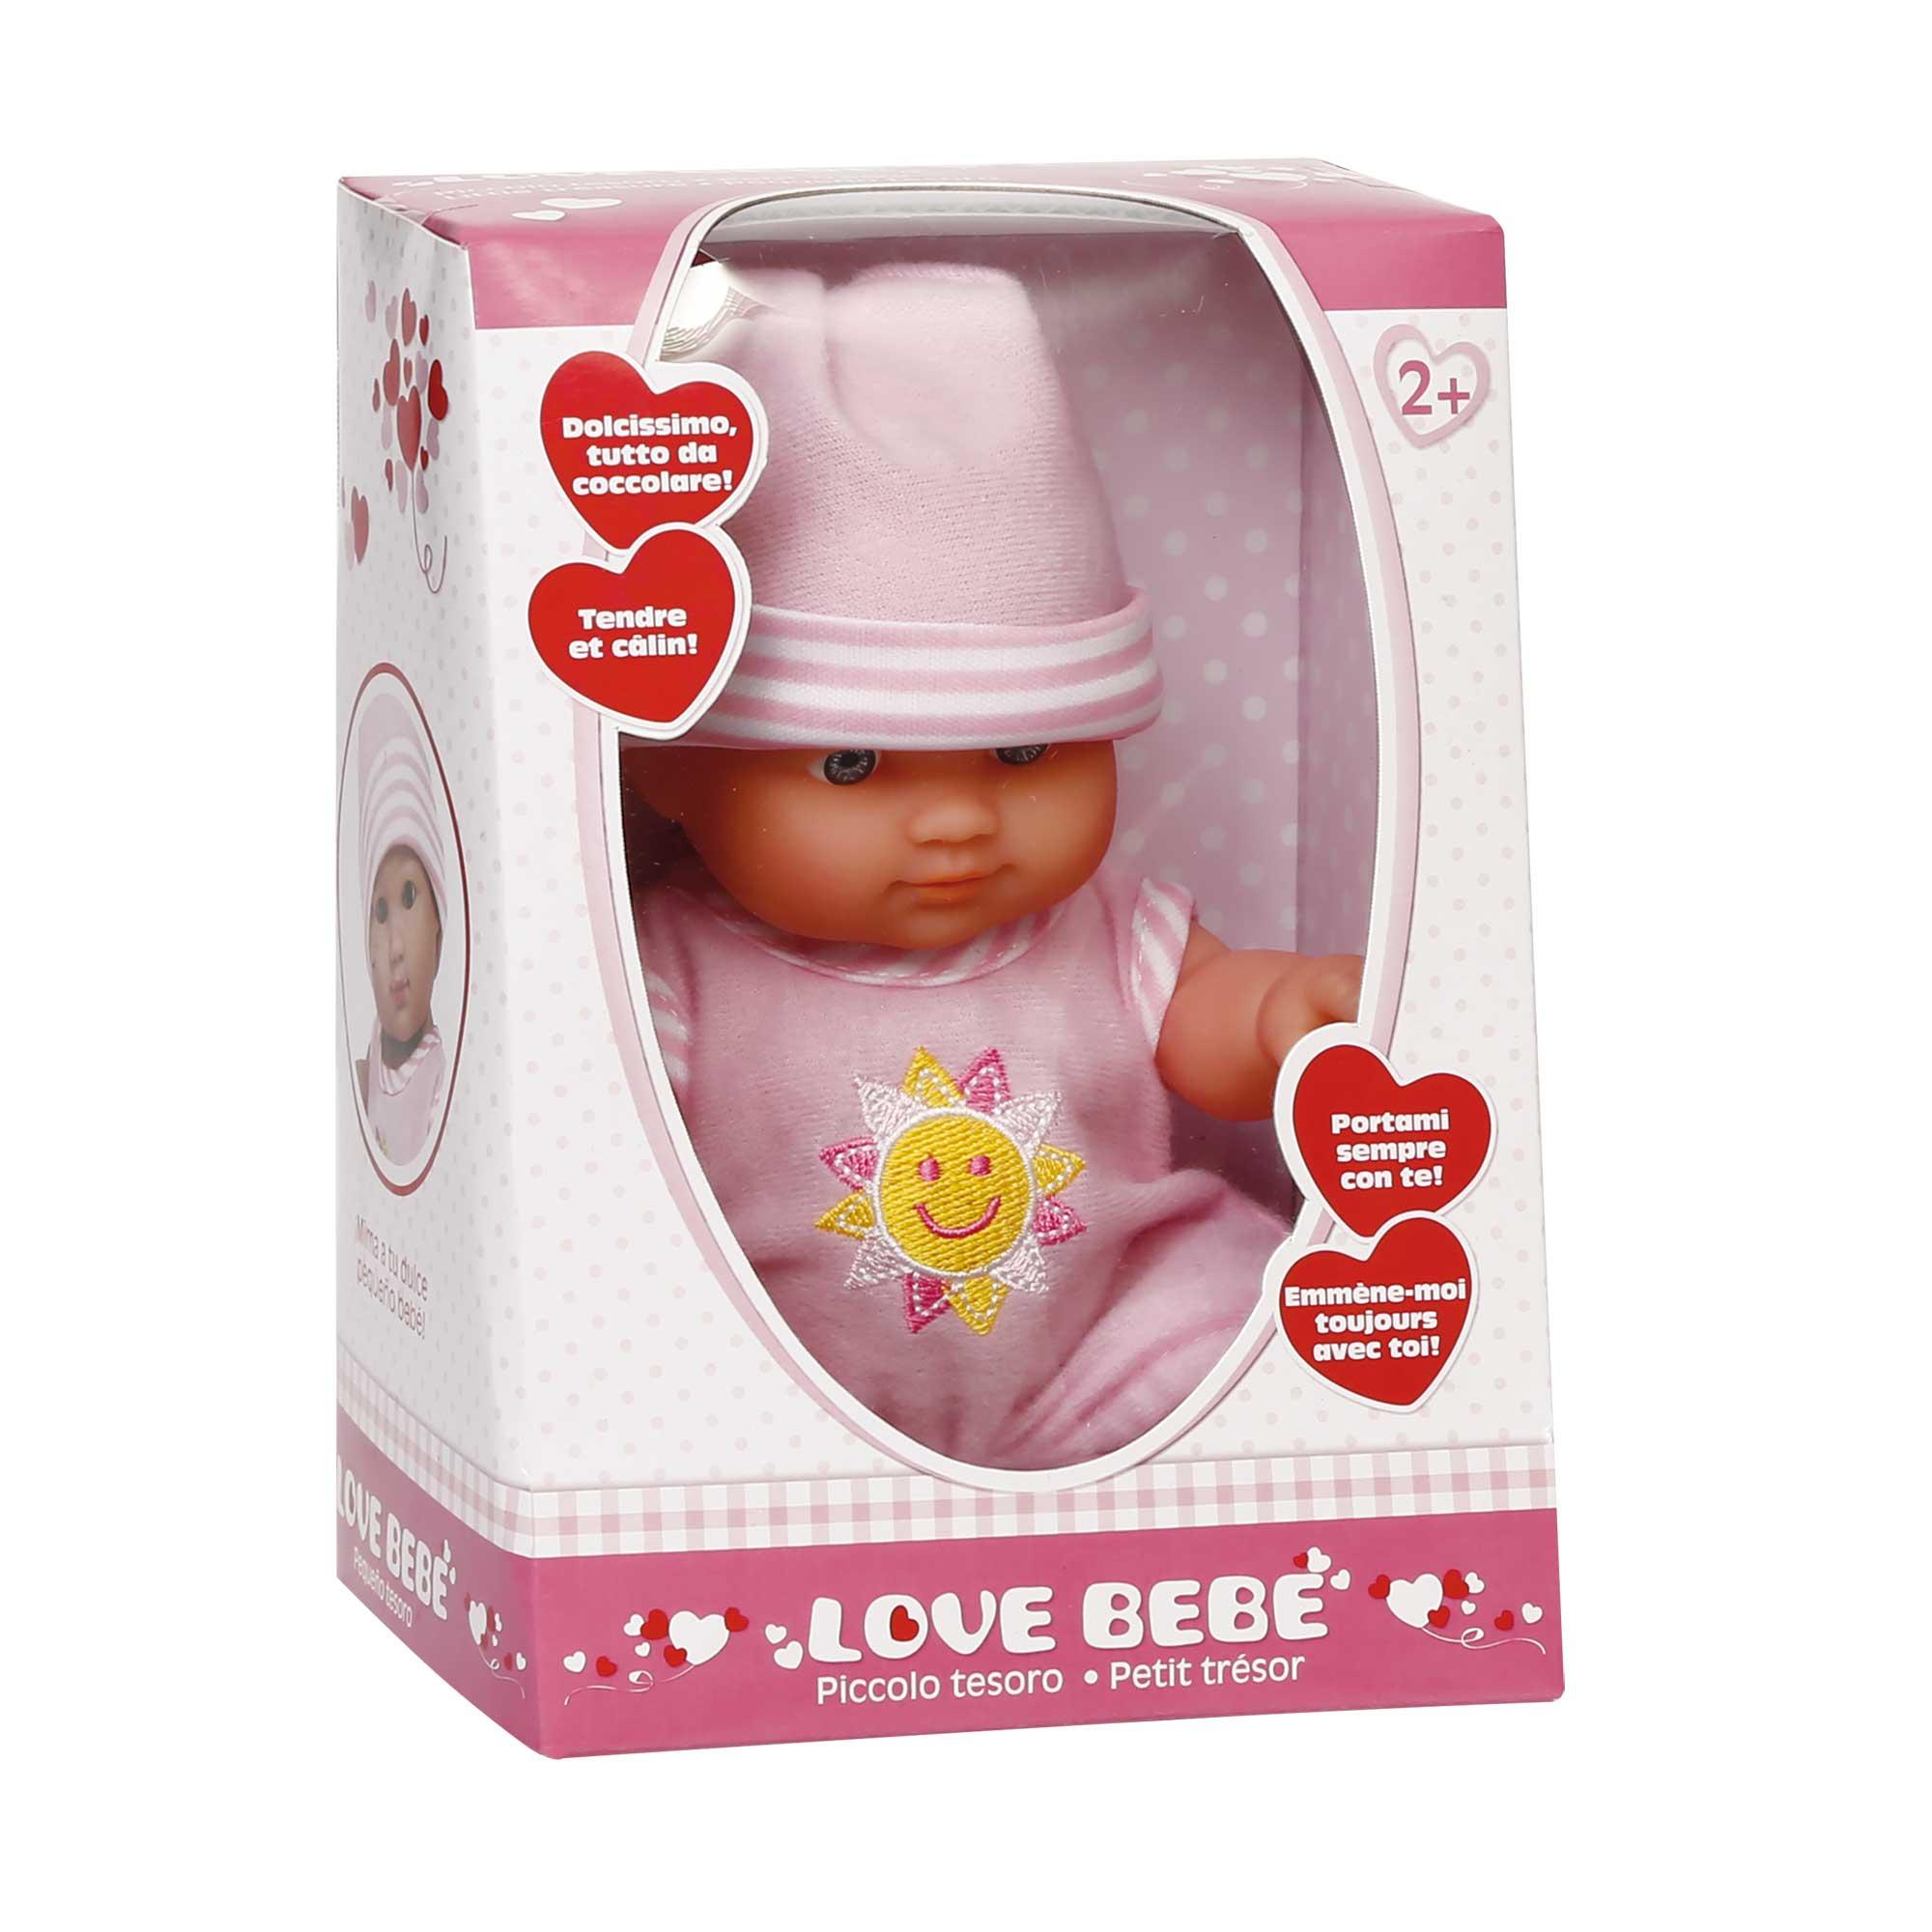 Love bebè bebè piccolo tesoro - LOVE BEBÈ